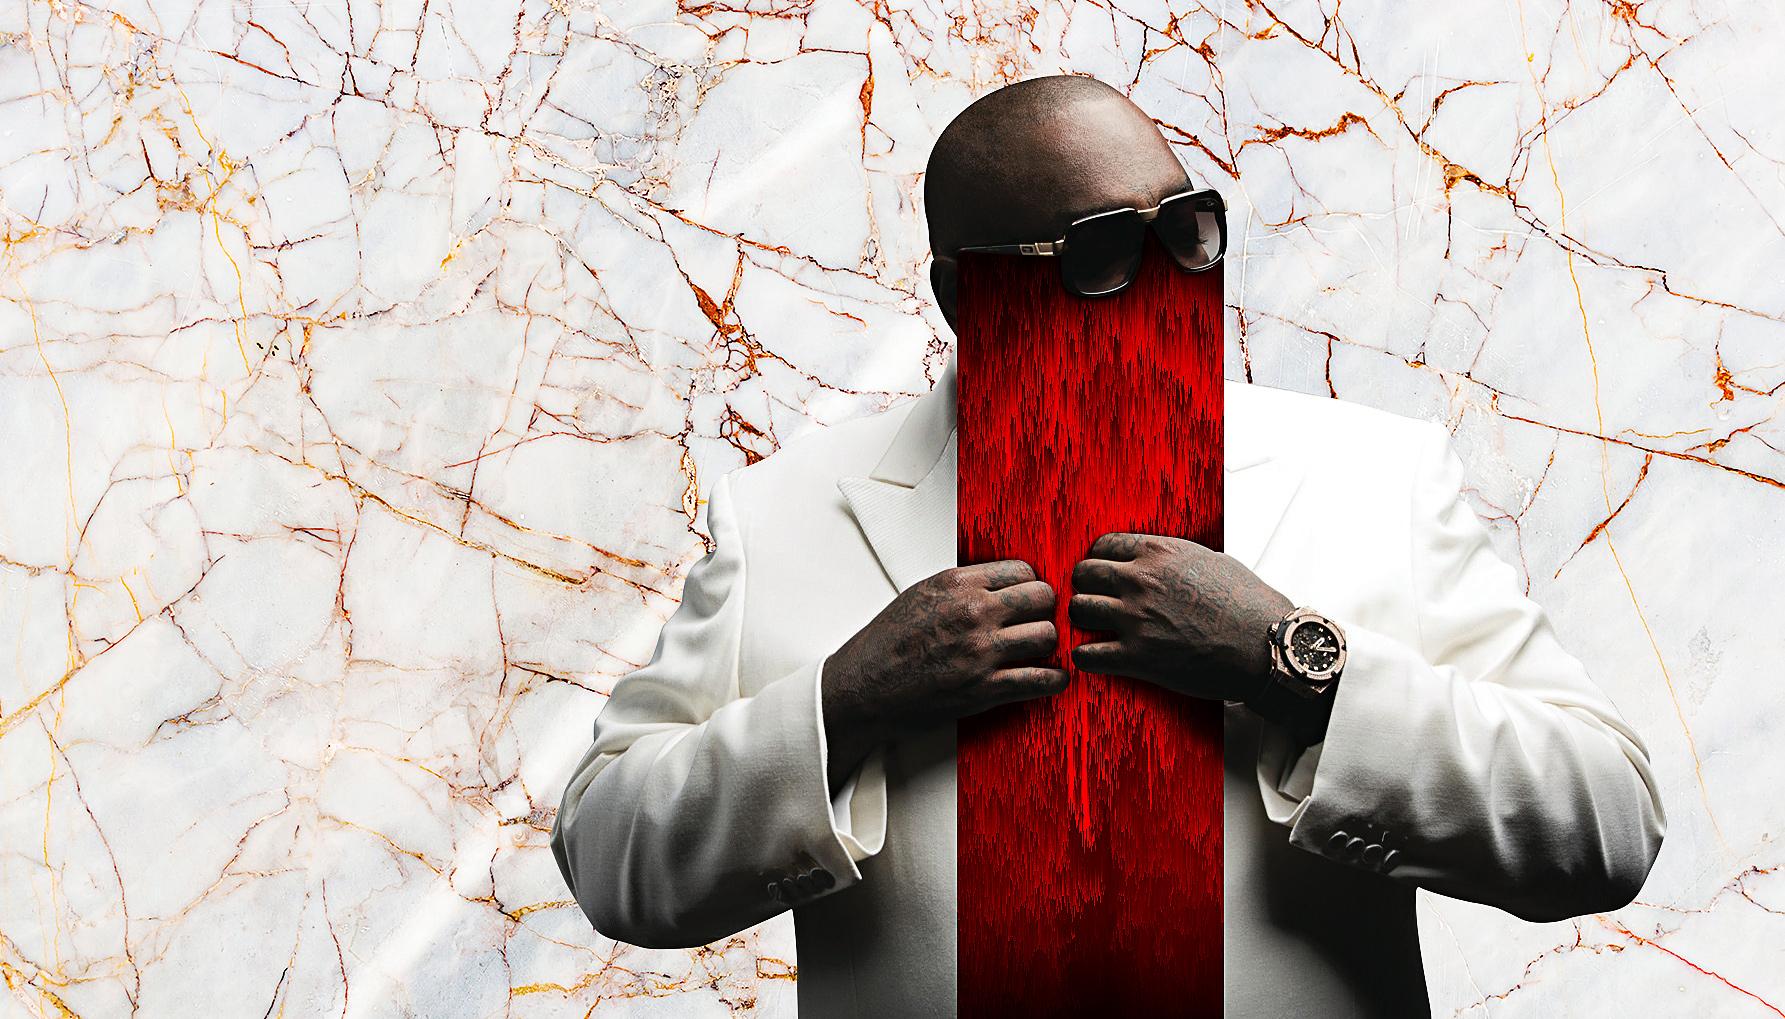 DotPigeon, hip hop e glitch art nei lavori di Stefano Fraone | Collater.al